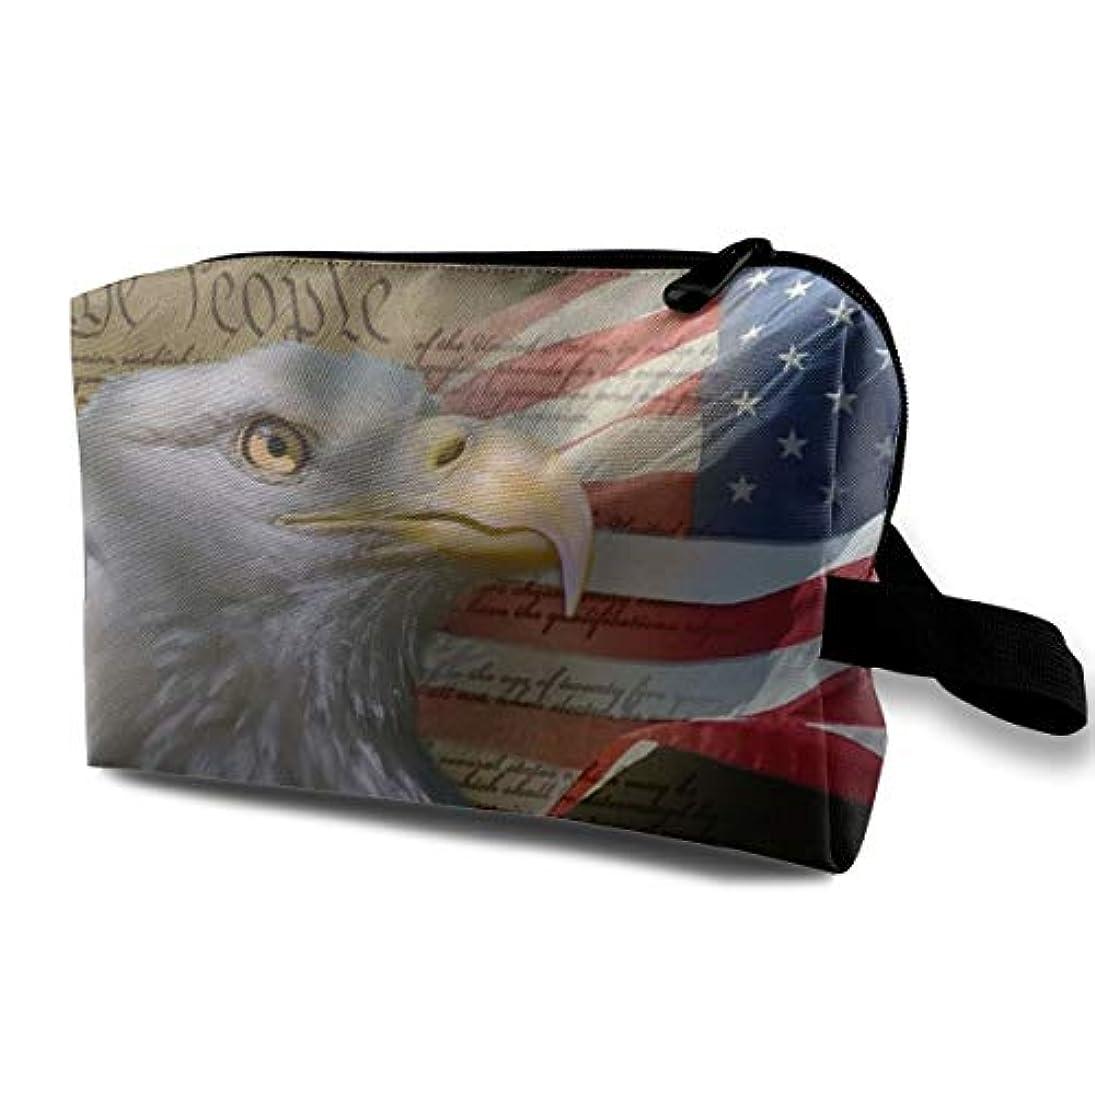 に関して密輸大声でBald Eagle On American Flag 収納ポーチ 化粧ポーチ 大容量 軽量 耐久性 ハンドル付持ち運び便利。入れ 自宅?出張?旅行?アウトドア撮影などに対応。メンズ レディース トラベルグッズ